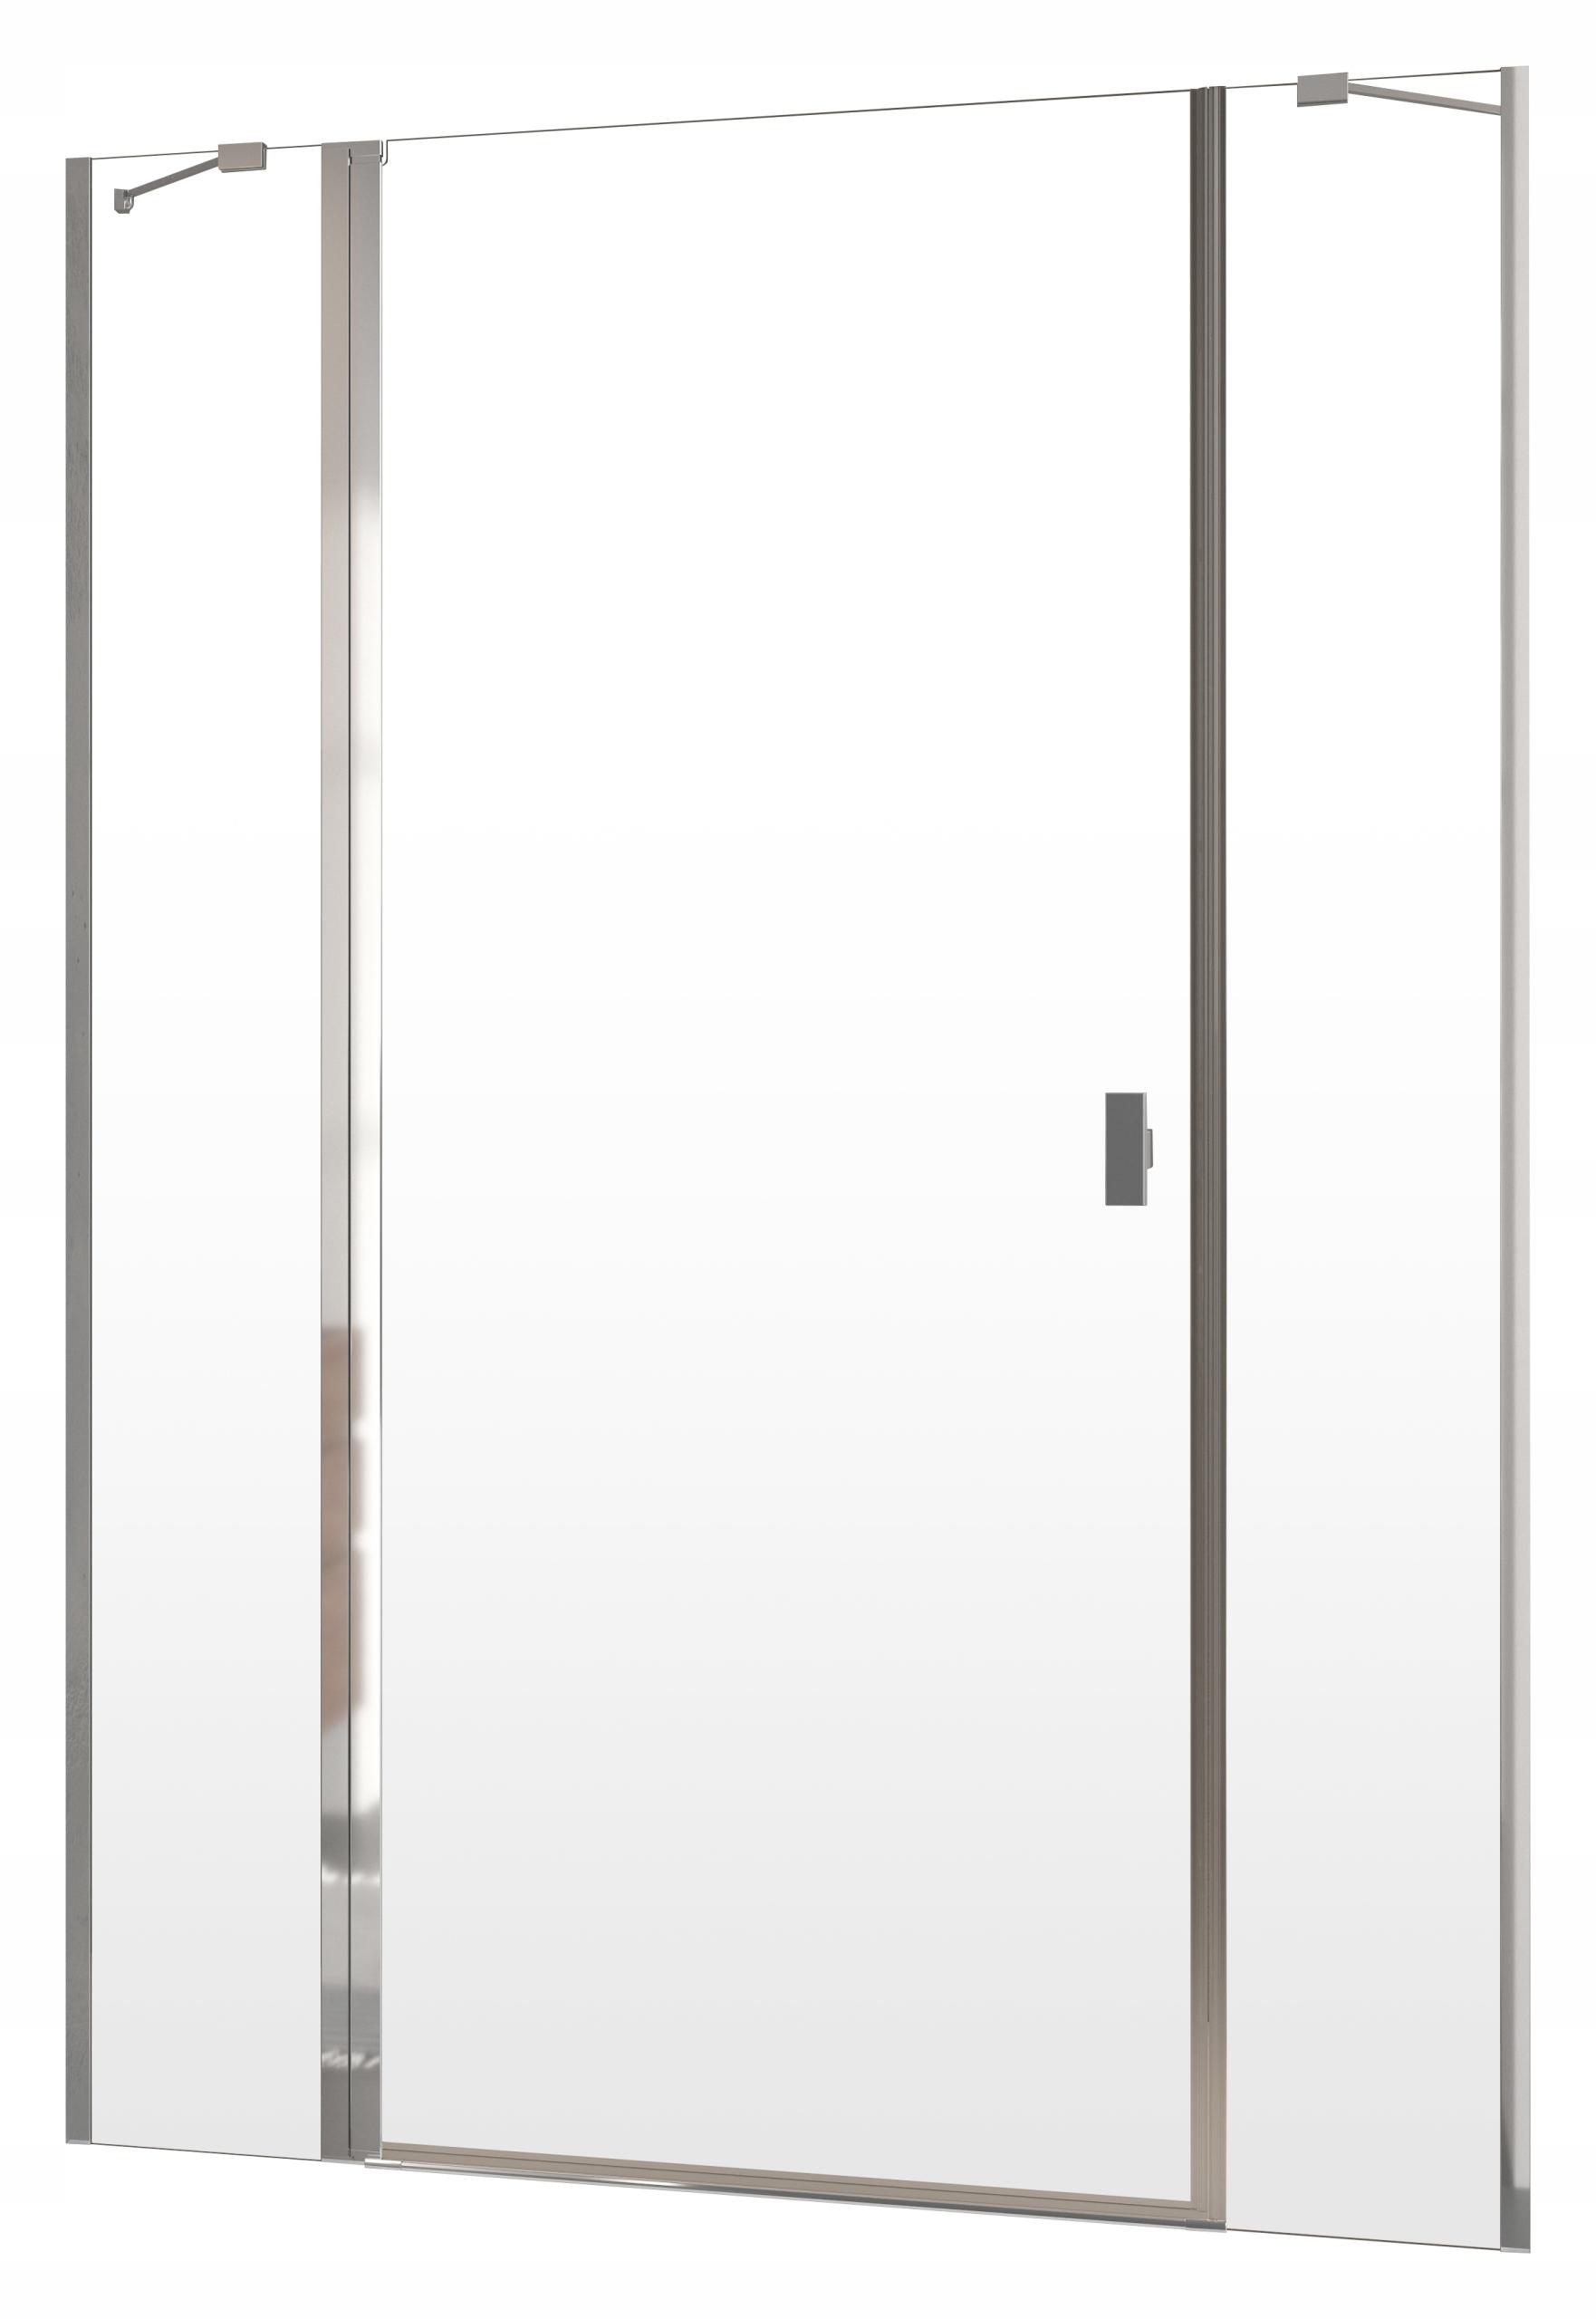 Sprchové dvere NES DWJS 140x200 cm RADAWAY